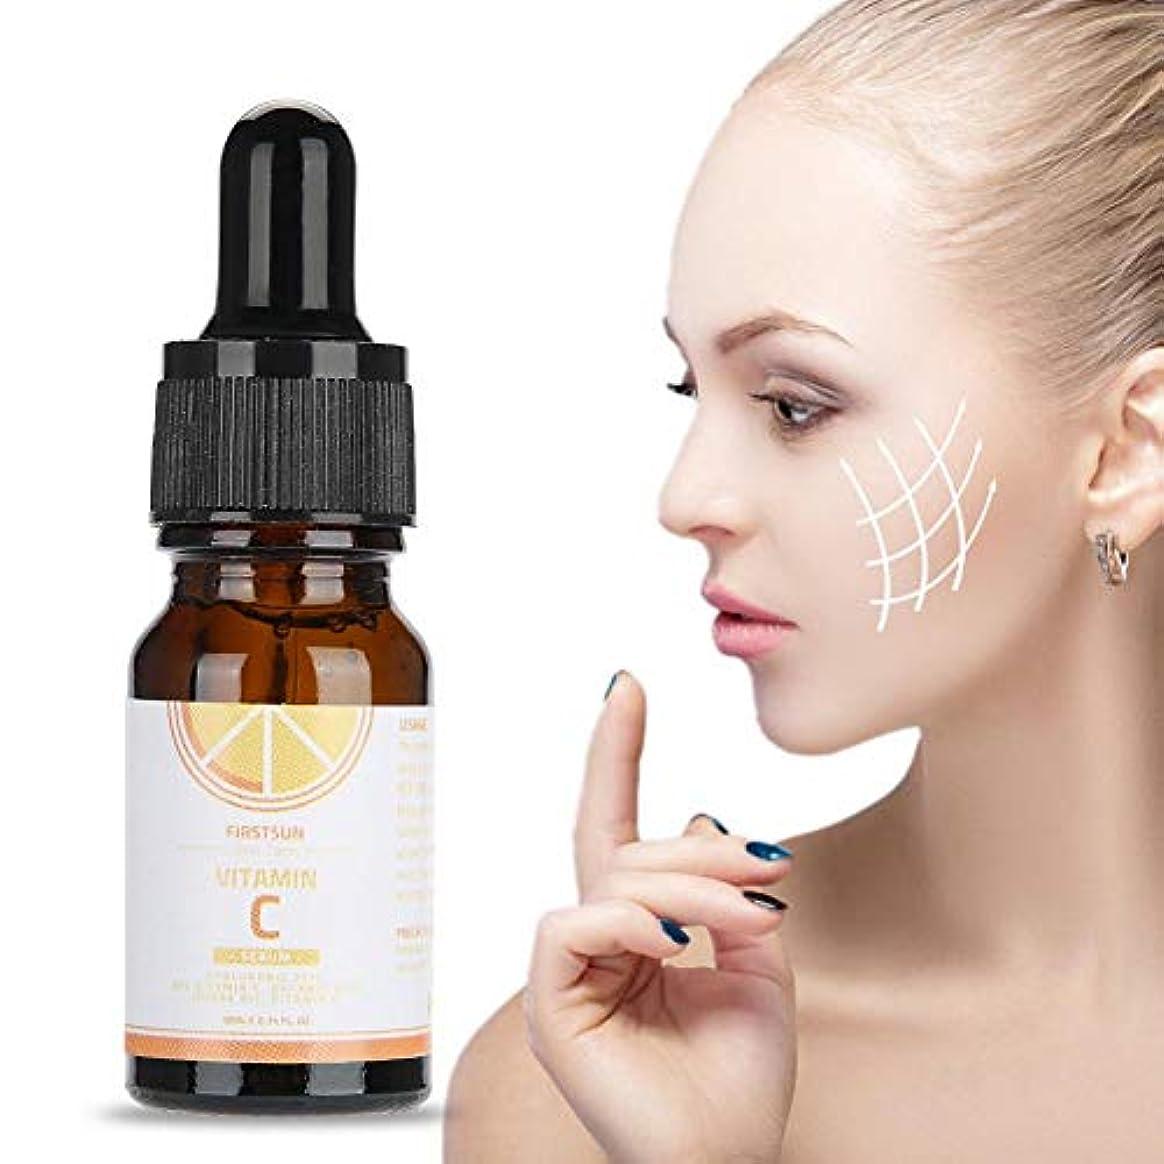 無謀文明と10mlビタミンCセラム、ヒアルロン酸補水保湿 縮小毛穴 ヒアルロン酸クリーム 肌の明るさと肌への潤い フェイススキンケア製品